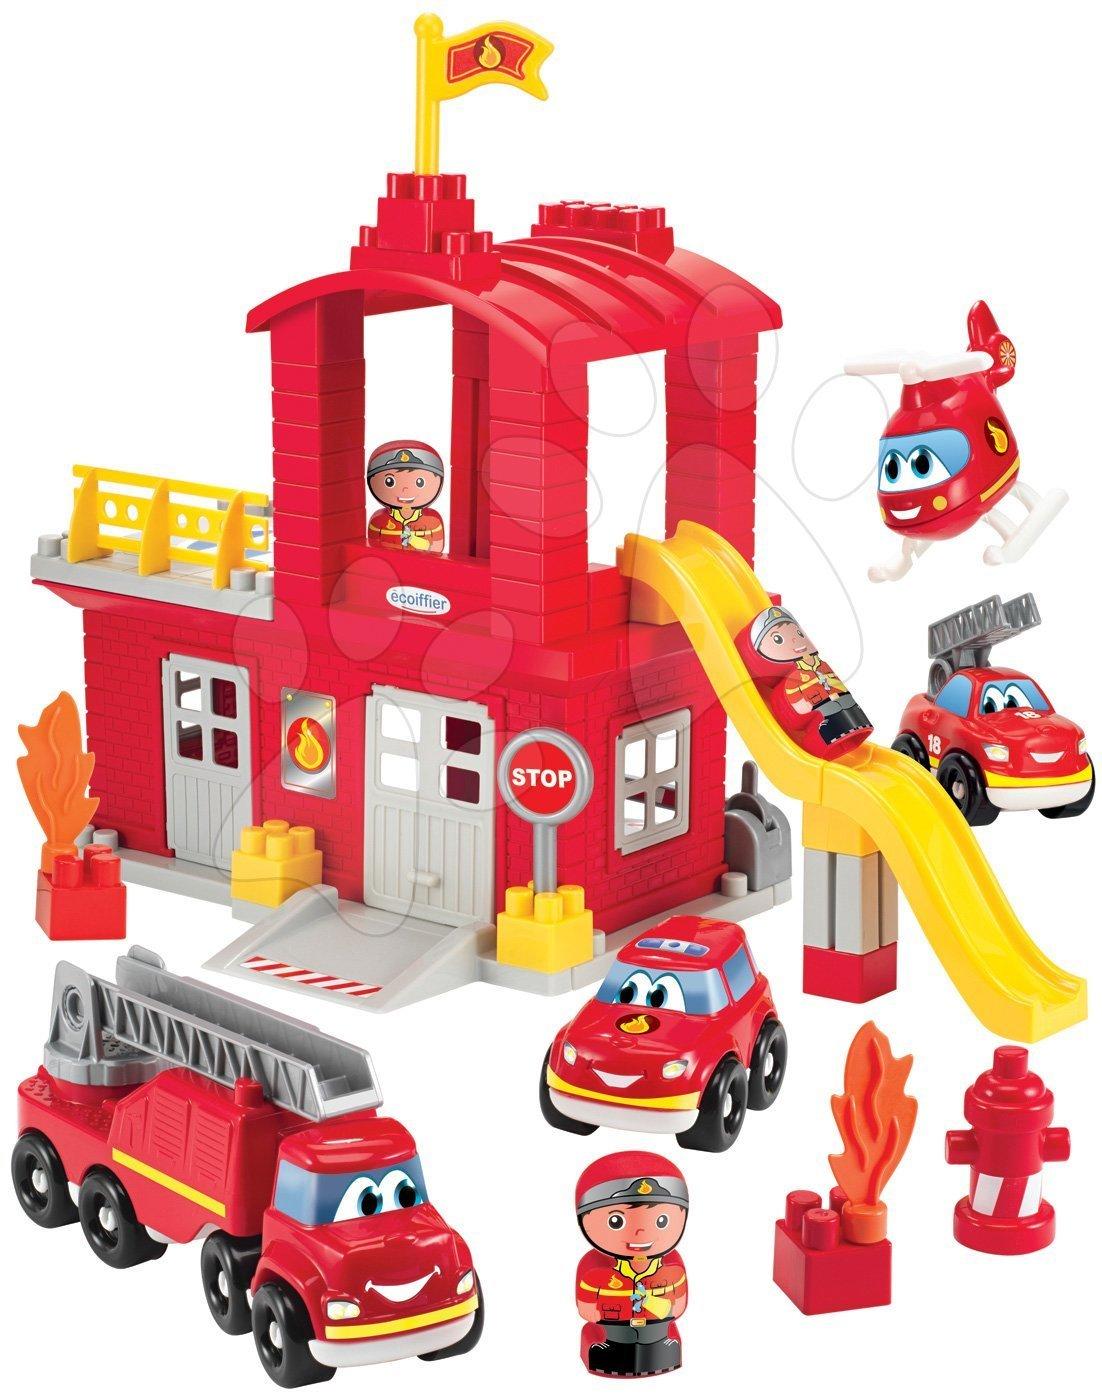 Abrick építőkockák - Építőjáték tűzoltók csúszdával Abrick Écoiffier és emeletes garázzsal, 3 autóval és 3 tűzoltóval 18 hó-tól